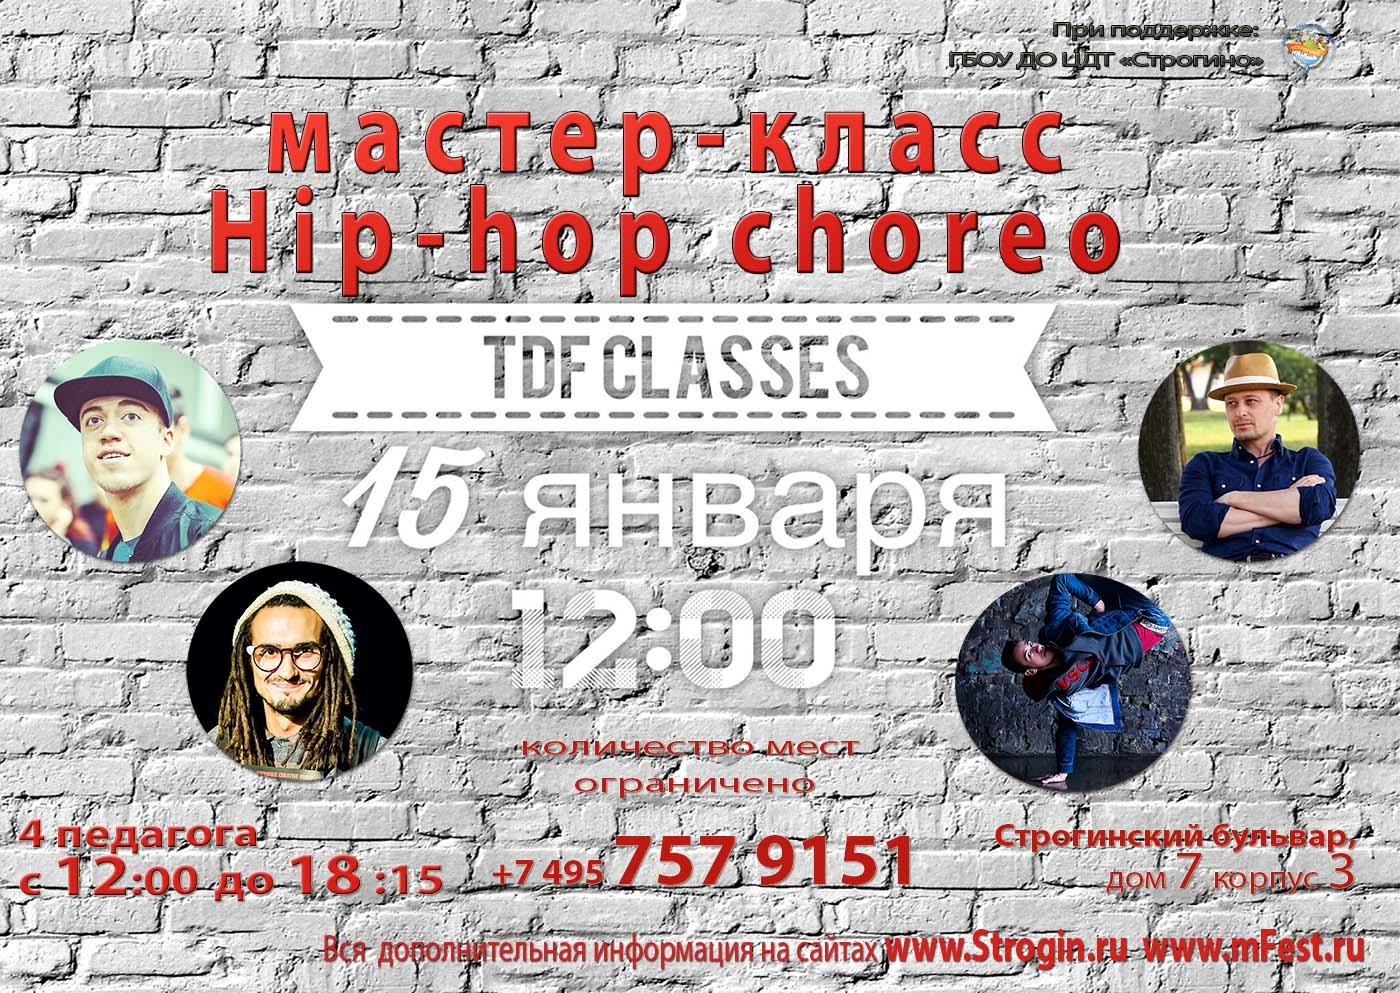 hip-hop-choreo-1400.jpg